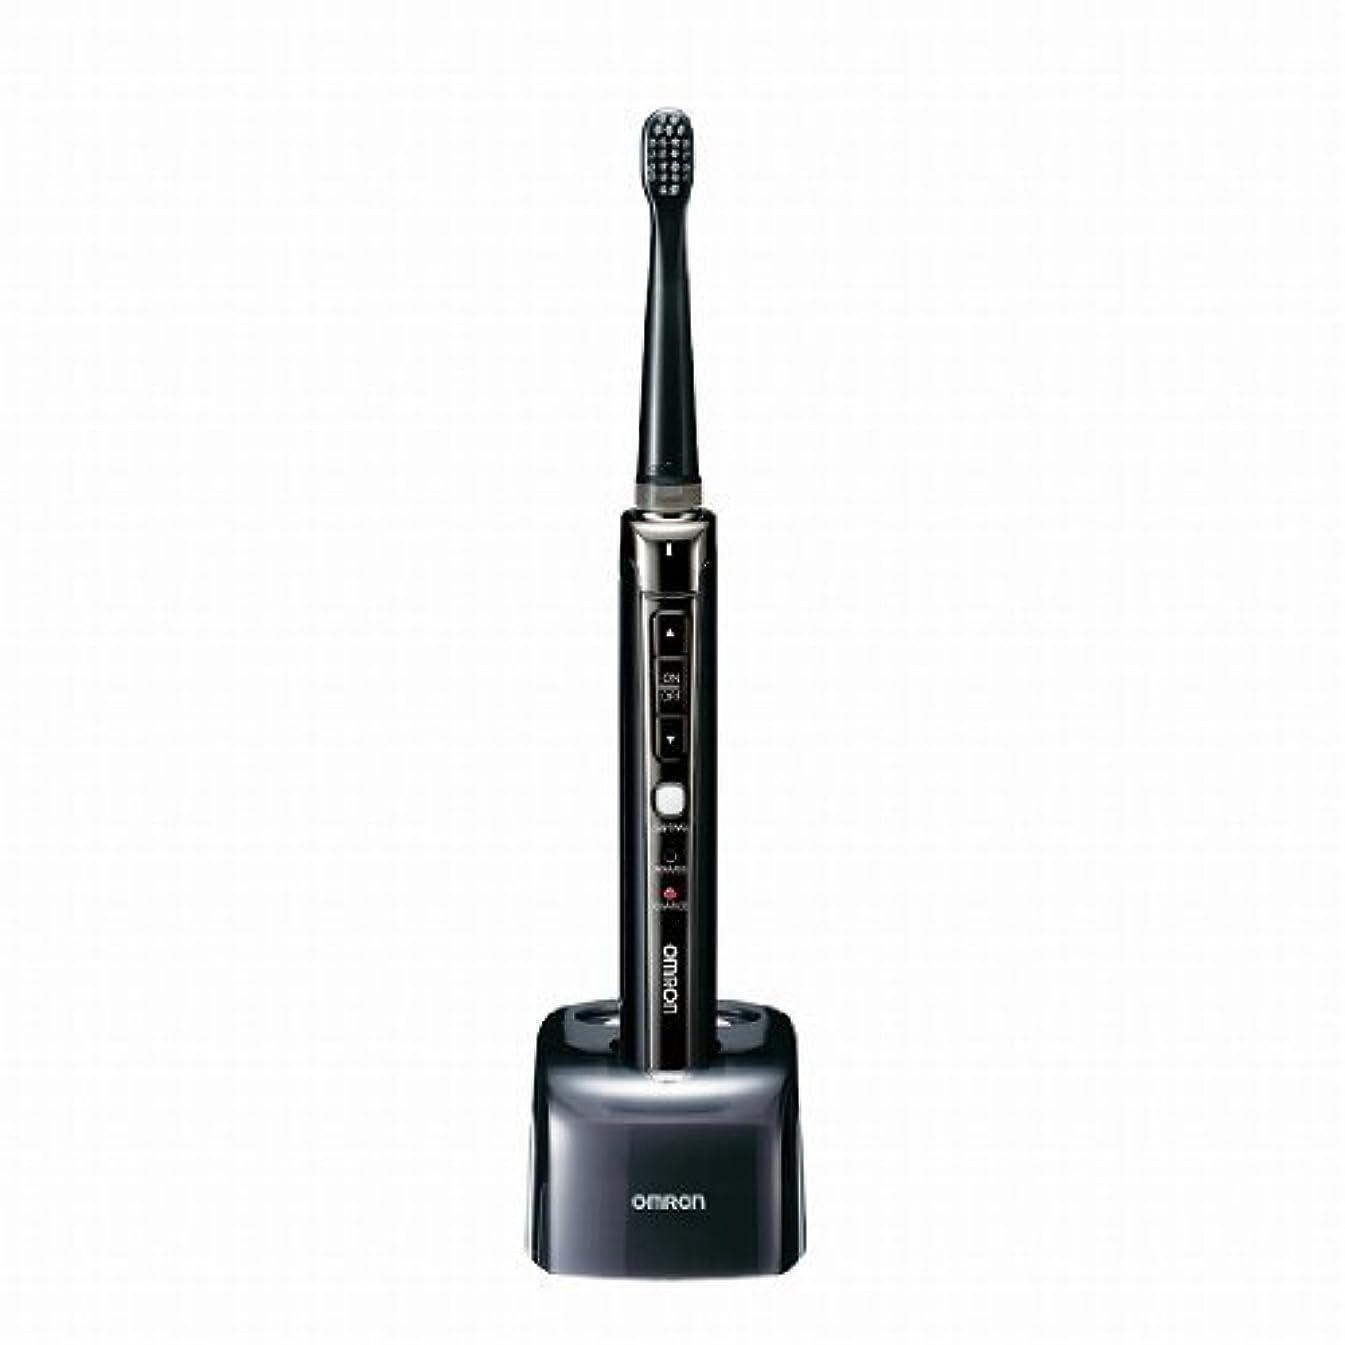 存在新着ヒゲクジラOMRON オムロン音波式電動歯ブラシ メディクリーン HT-B454